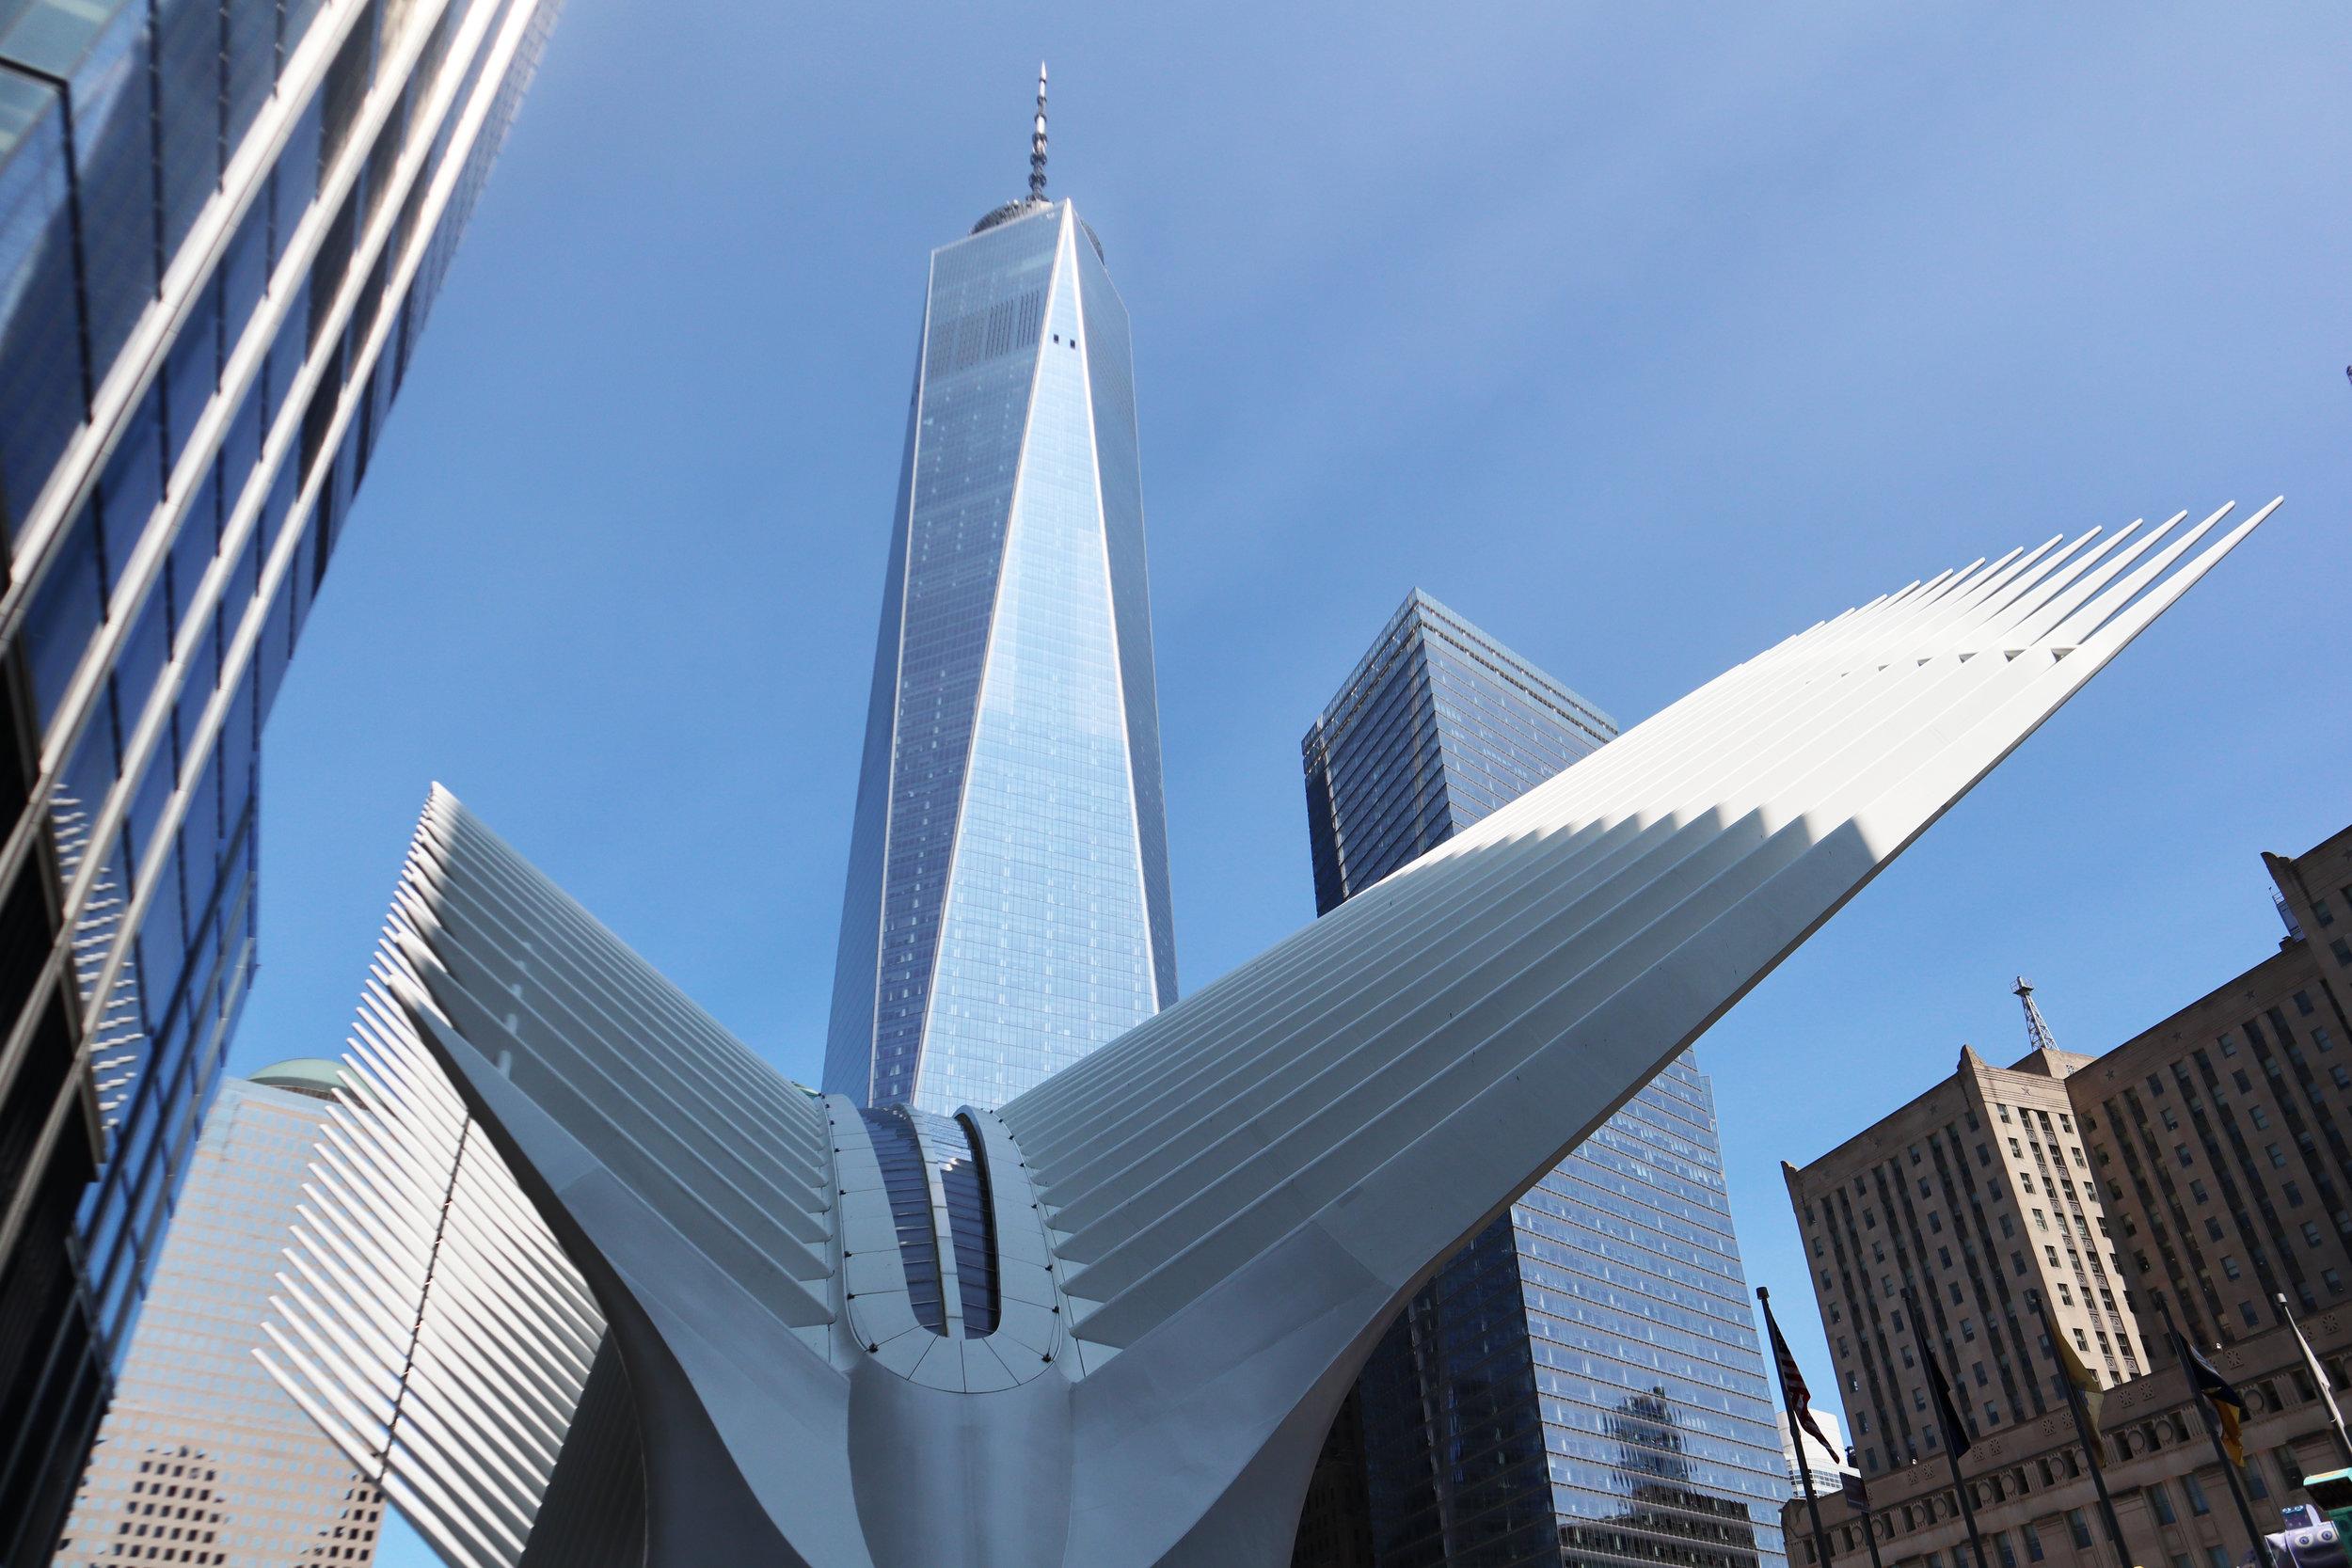 Самый высокий небоскреб в Нью-Йорке - Башня номер один ВТЦ